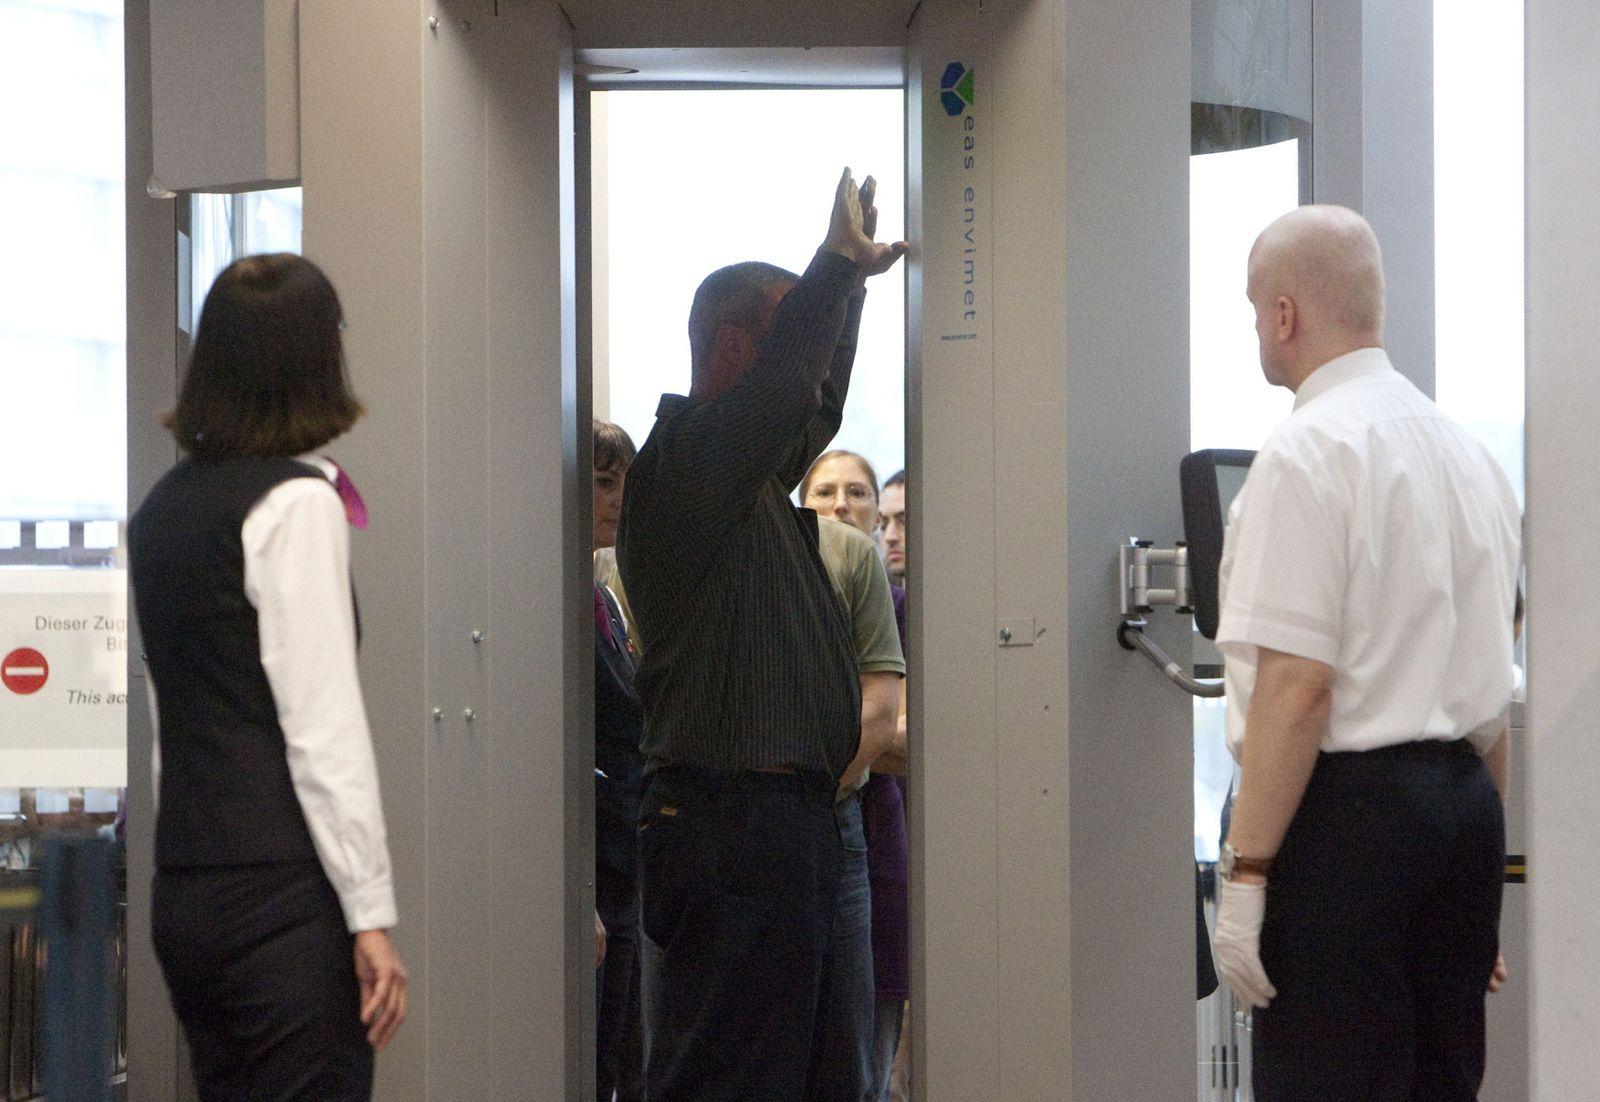 NICHT VERWENDEN Flugsicherheit / Sicherheitskontrolle / Nacktscanner